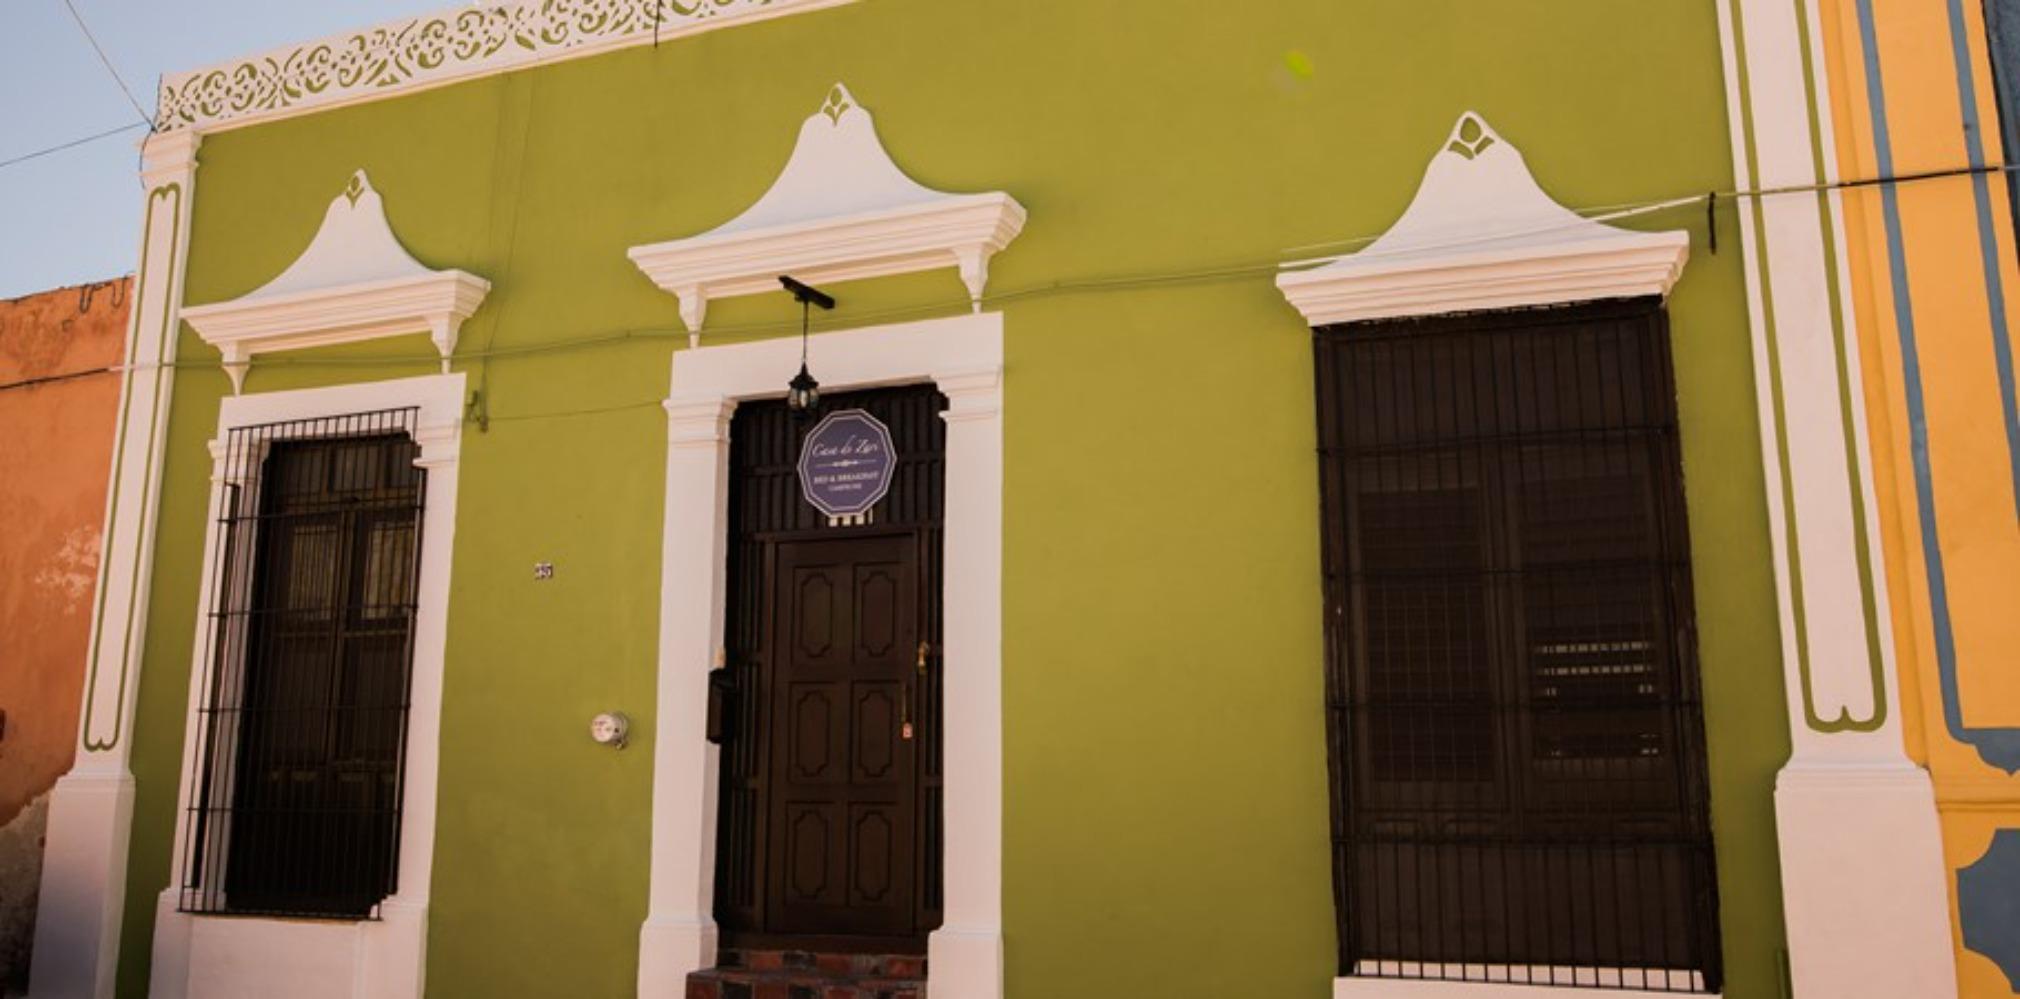 A close up of a yellow building at Casa de Zari B&B.